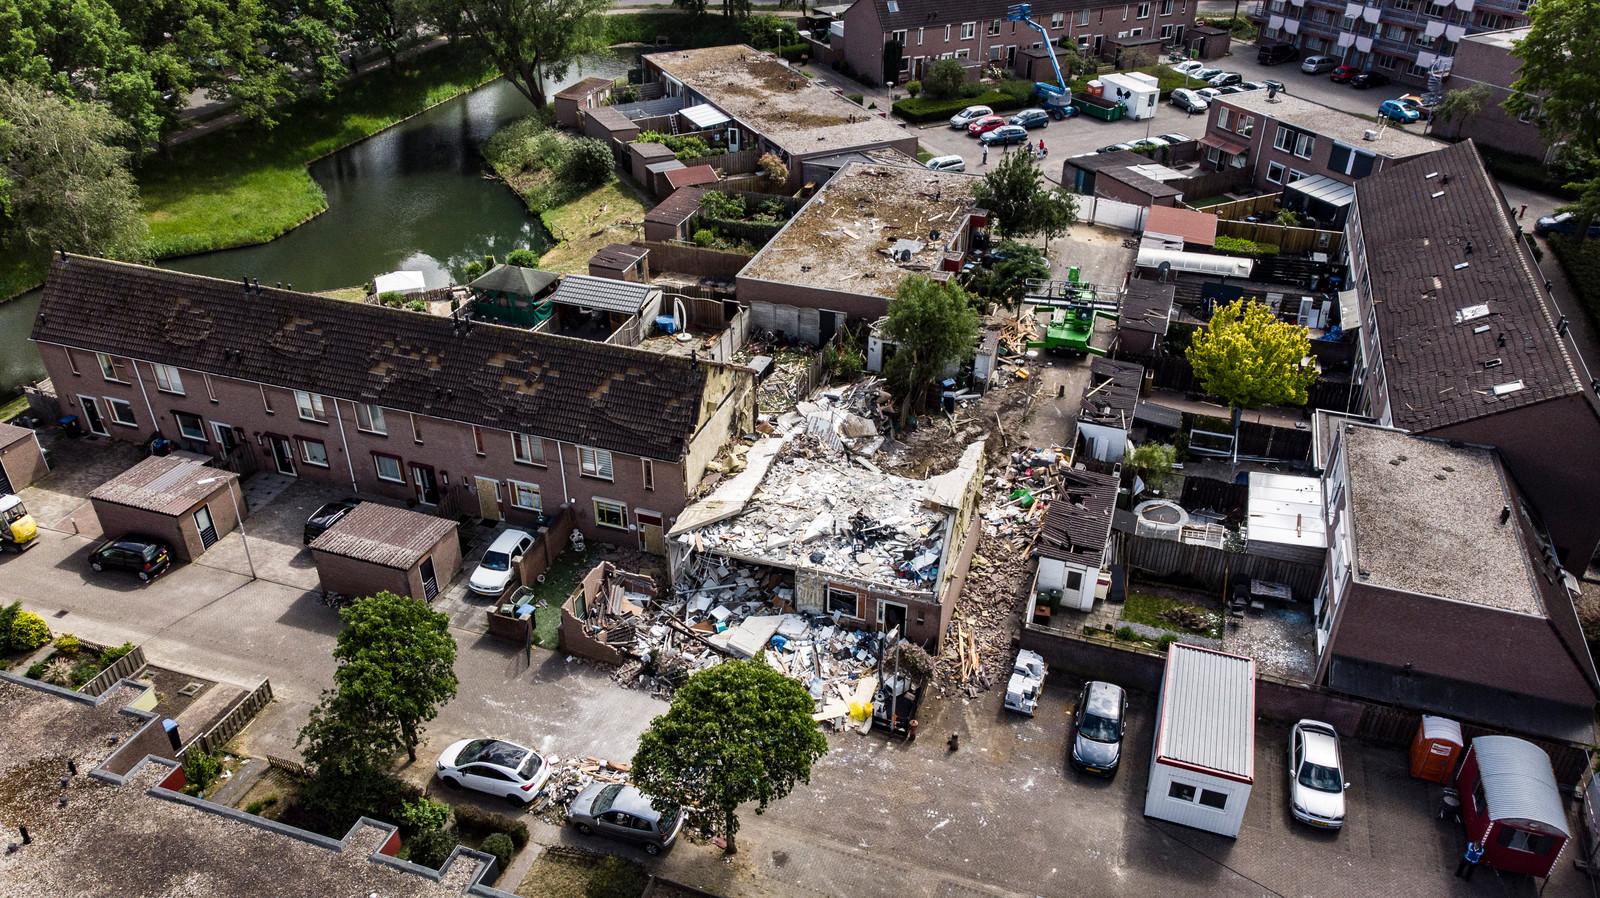 De ravage na de gasexplosie op 13 mei 2020 in de wijk Hillekensacker, stadsdeel Lindenholt, in Nijmegen.